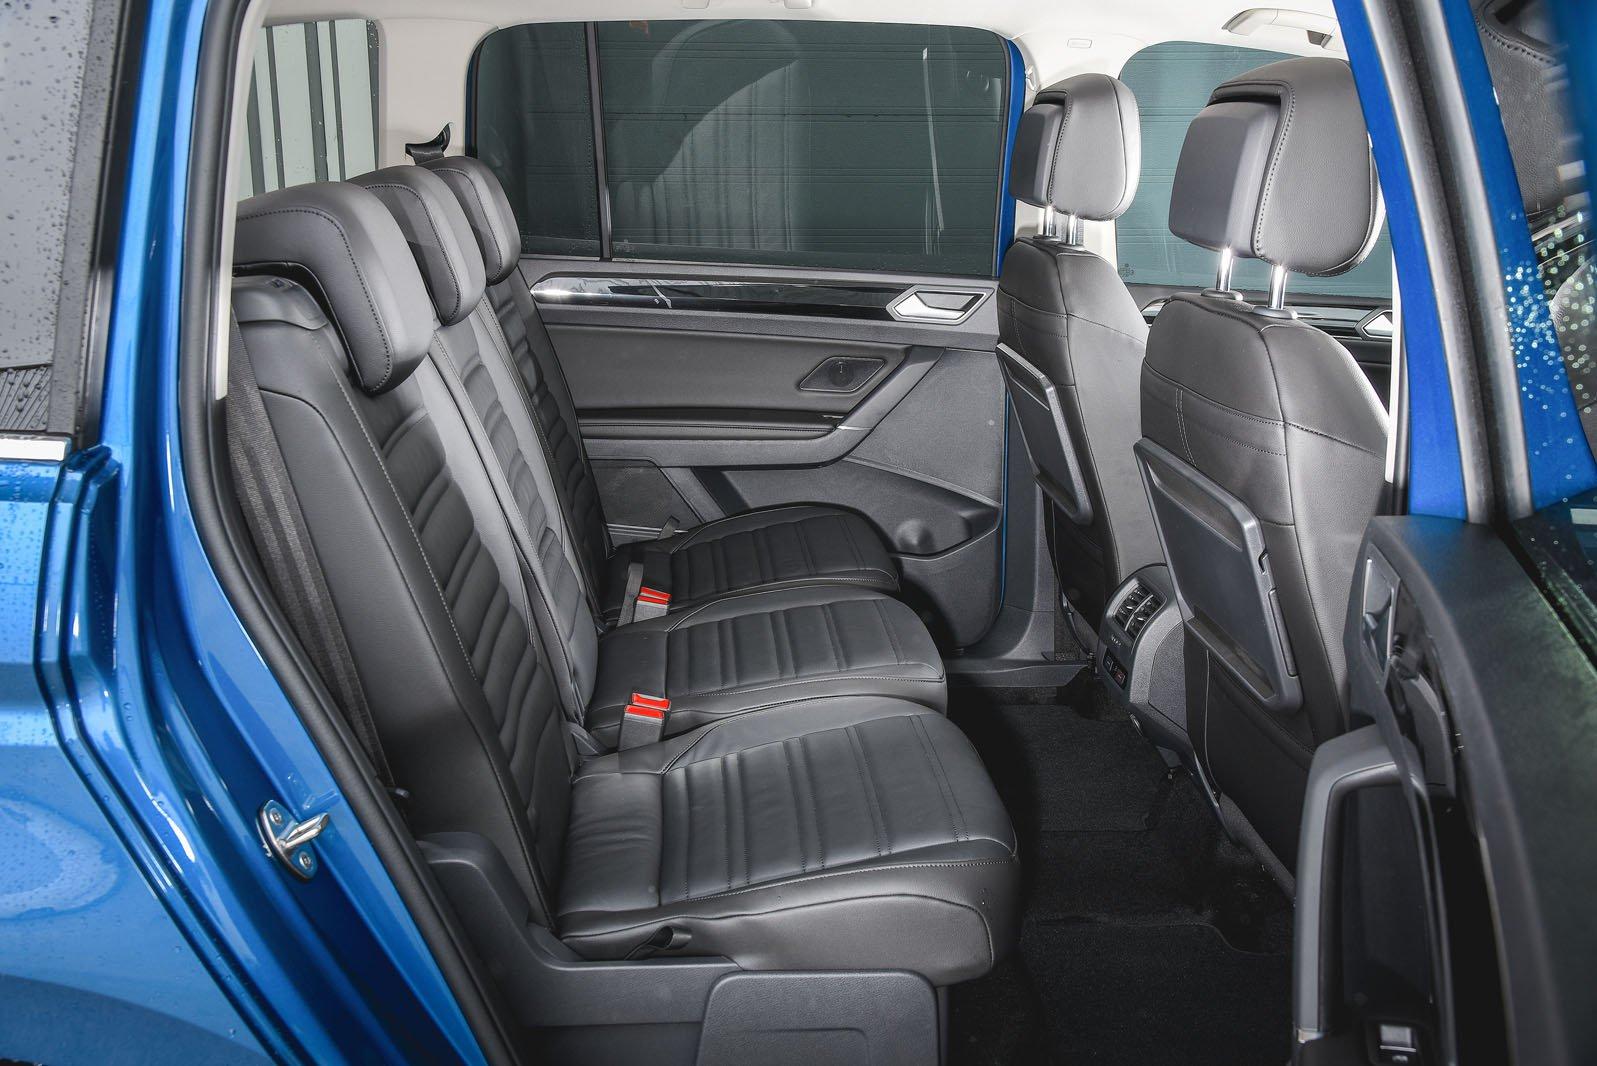 Volkswagen Touran 2019 rear seats